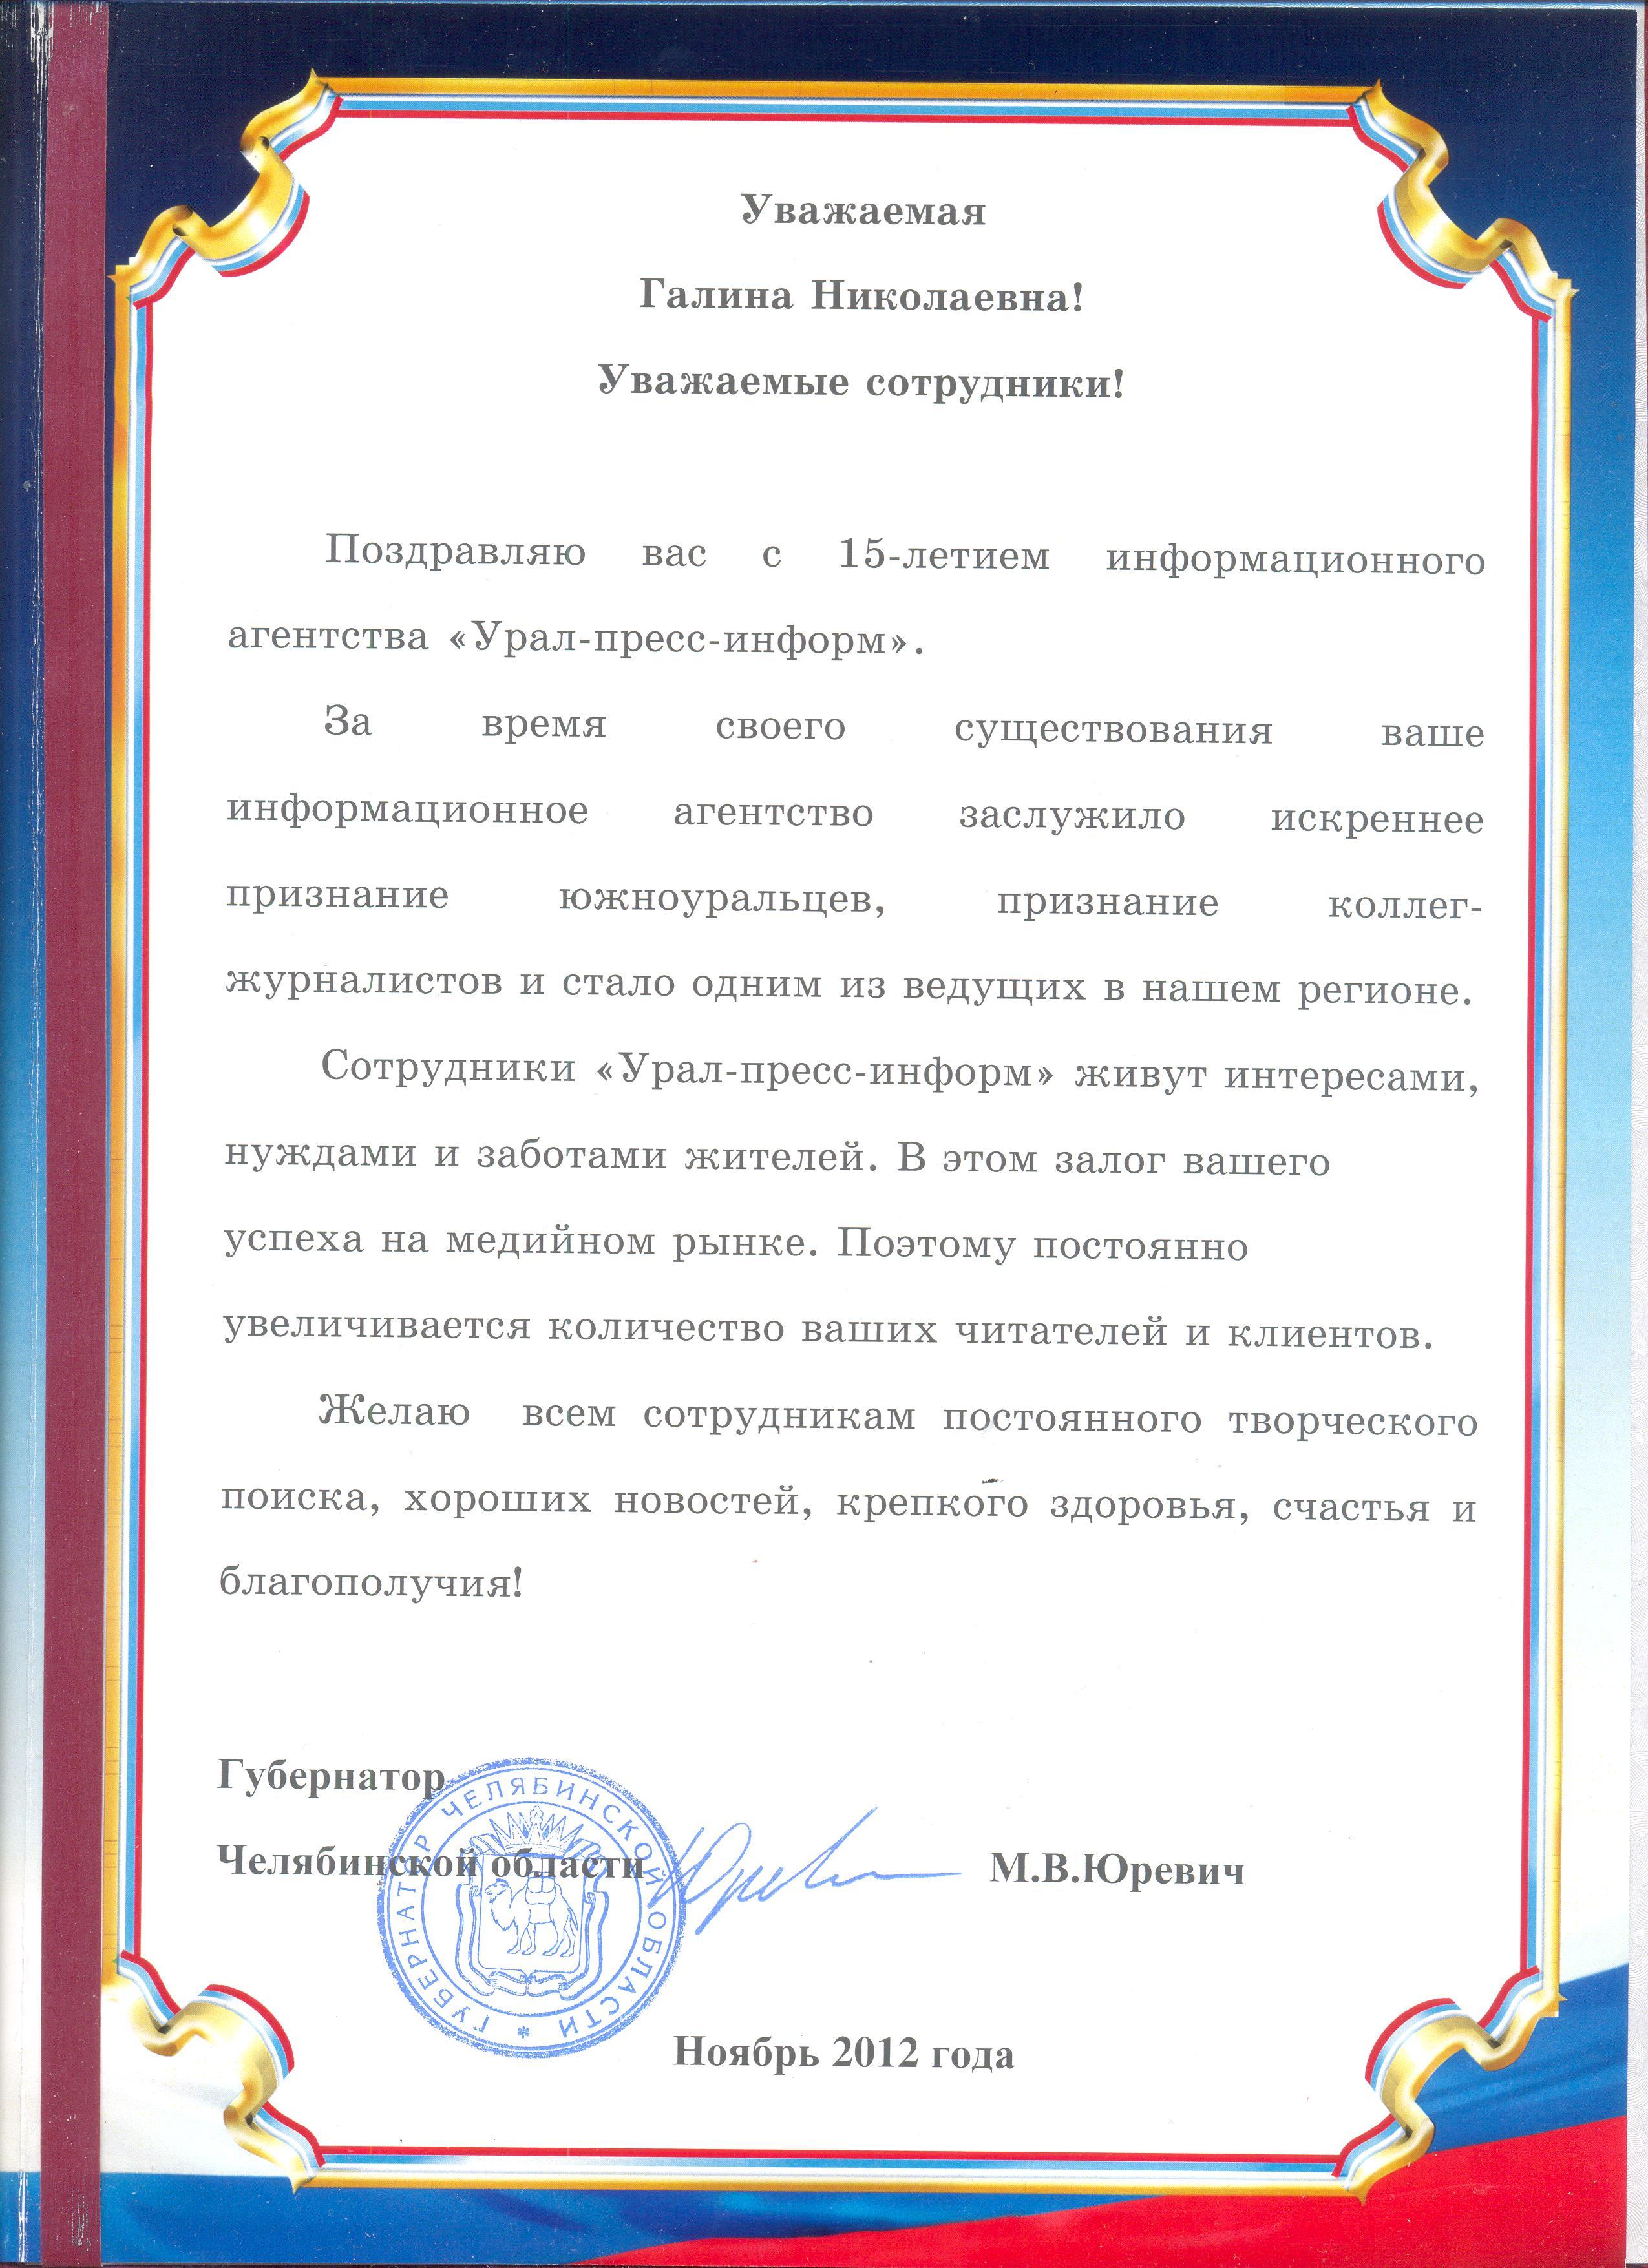 Итог серьезной работы: бюджет Озерска утвержден Собранием депутатов